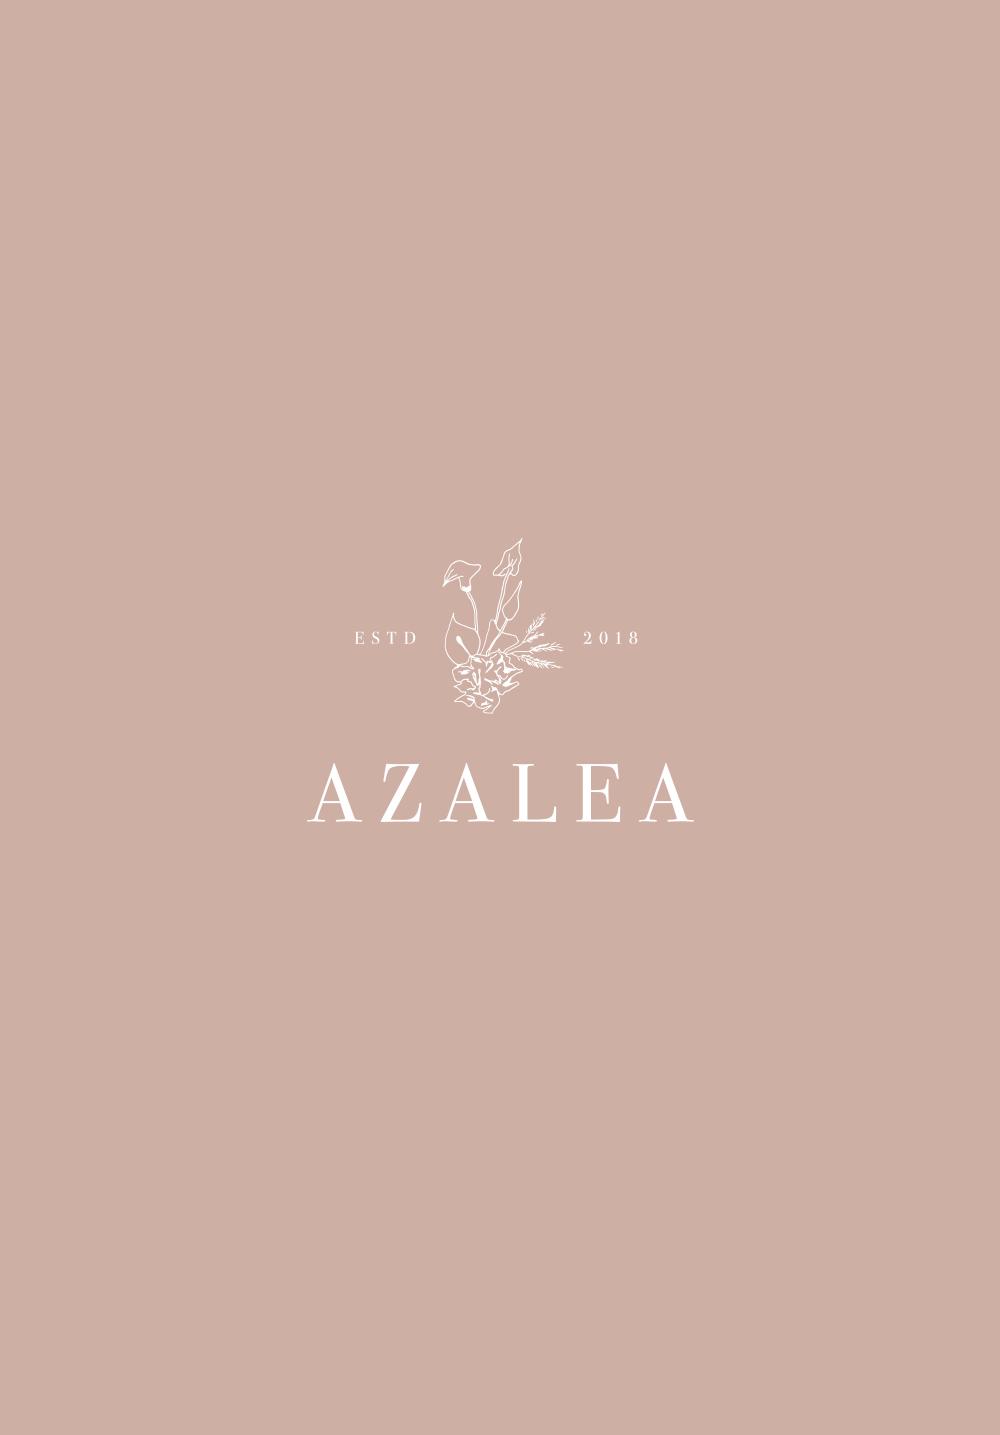 azalea-logo.jpg